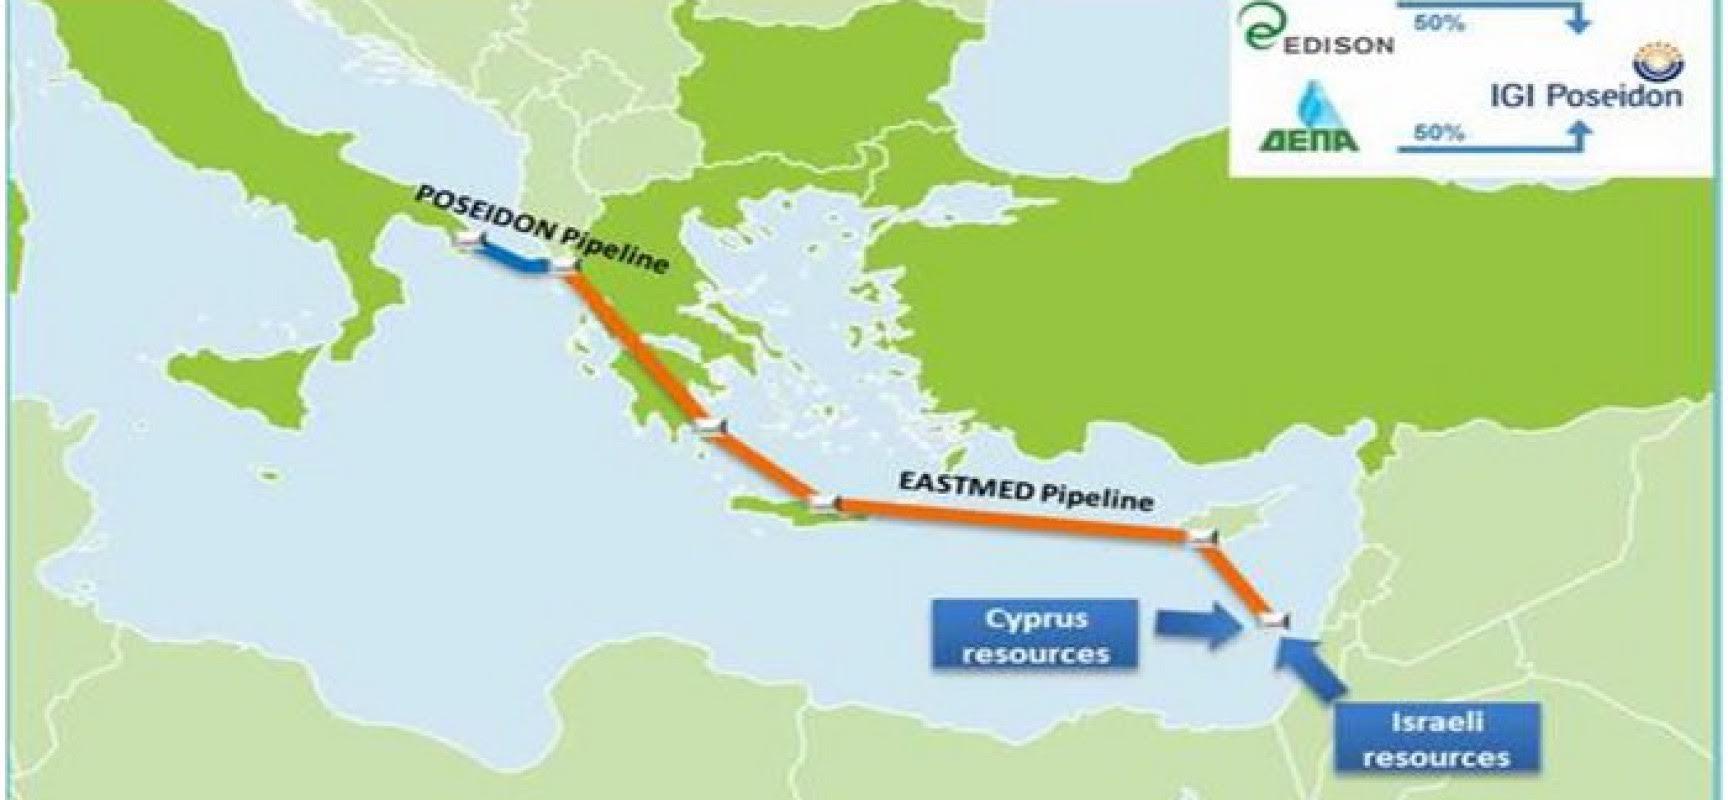 Ραντεβού στο Ισραήλ τον Σεπτέμβρη για τον East Med